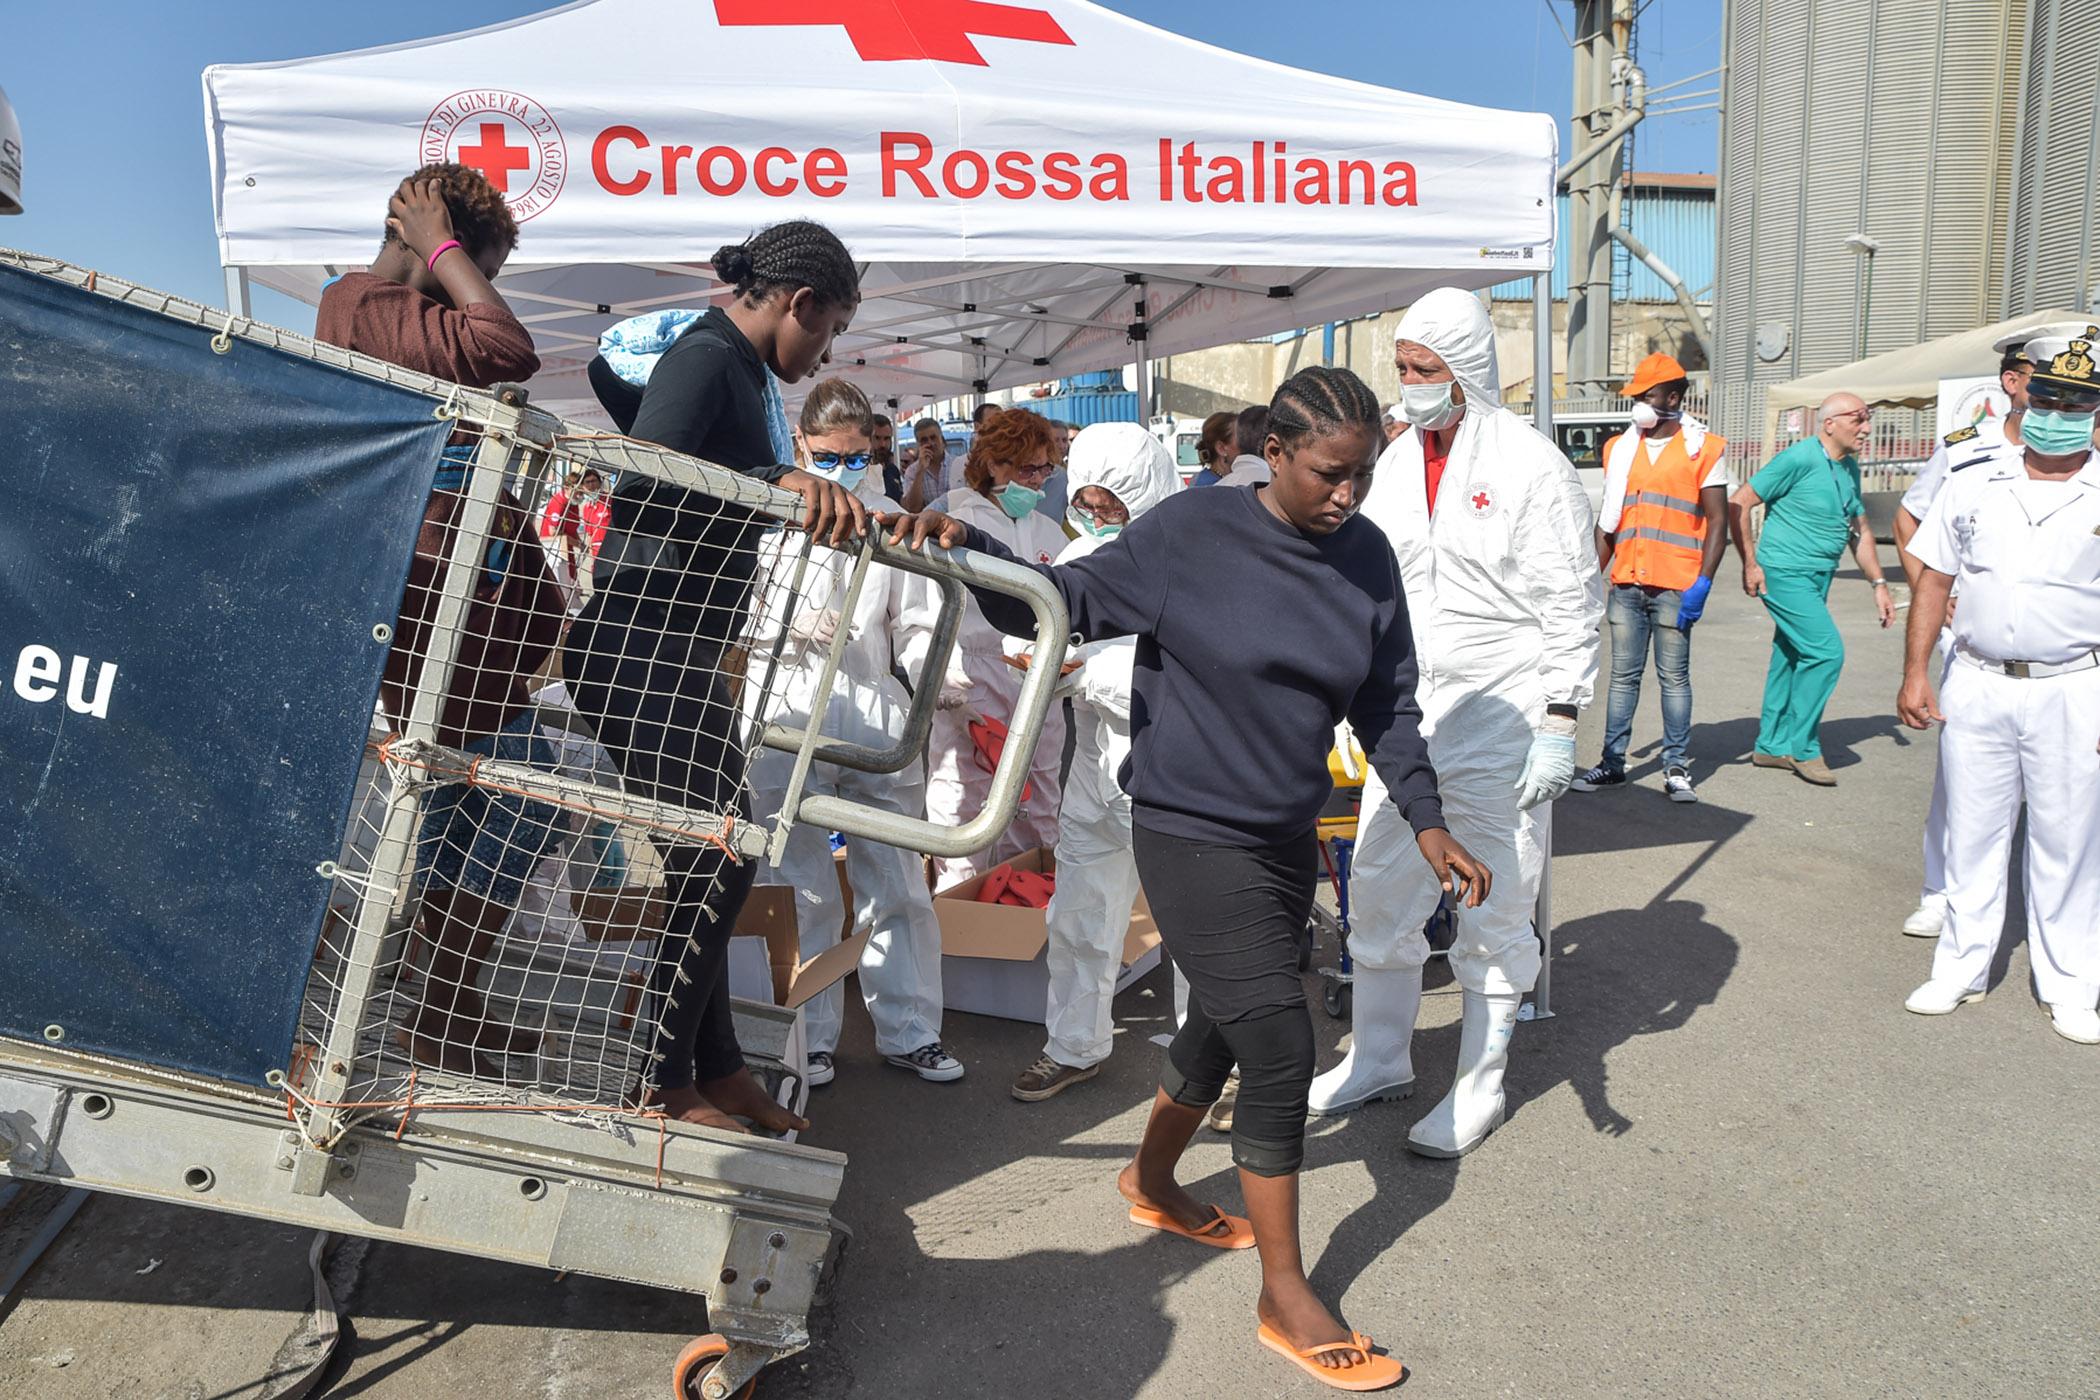 Arrivati 650 migranti al porto di Reggio Calabria, c'è anche un ferito da arma da fuoco